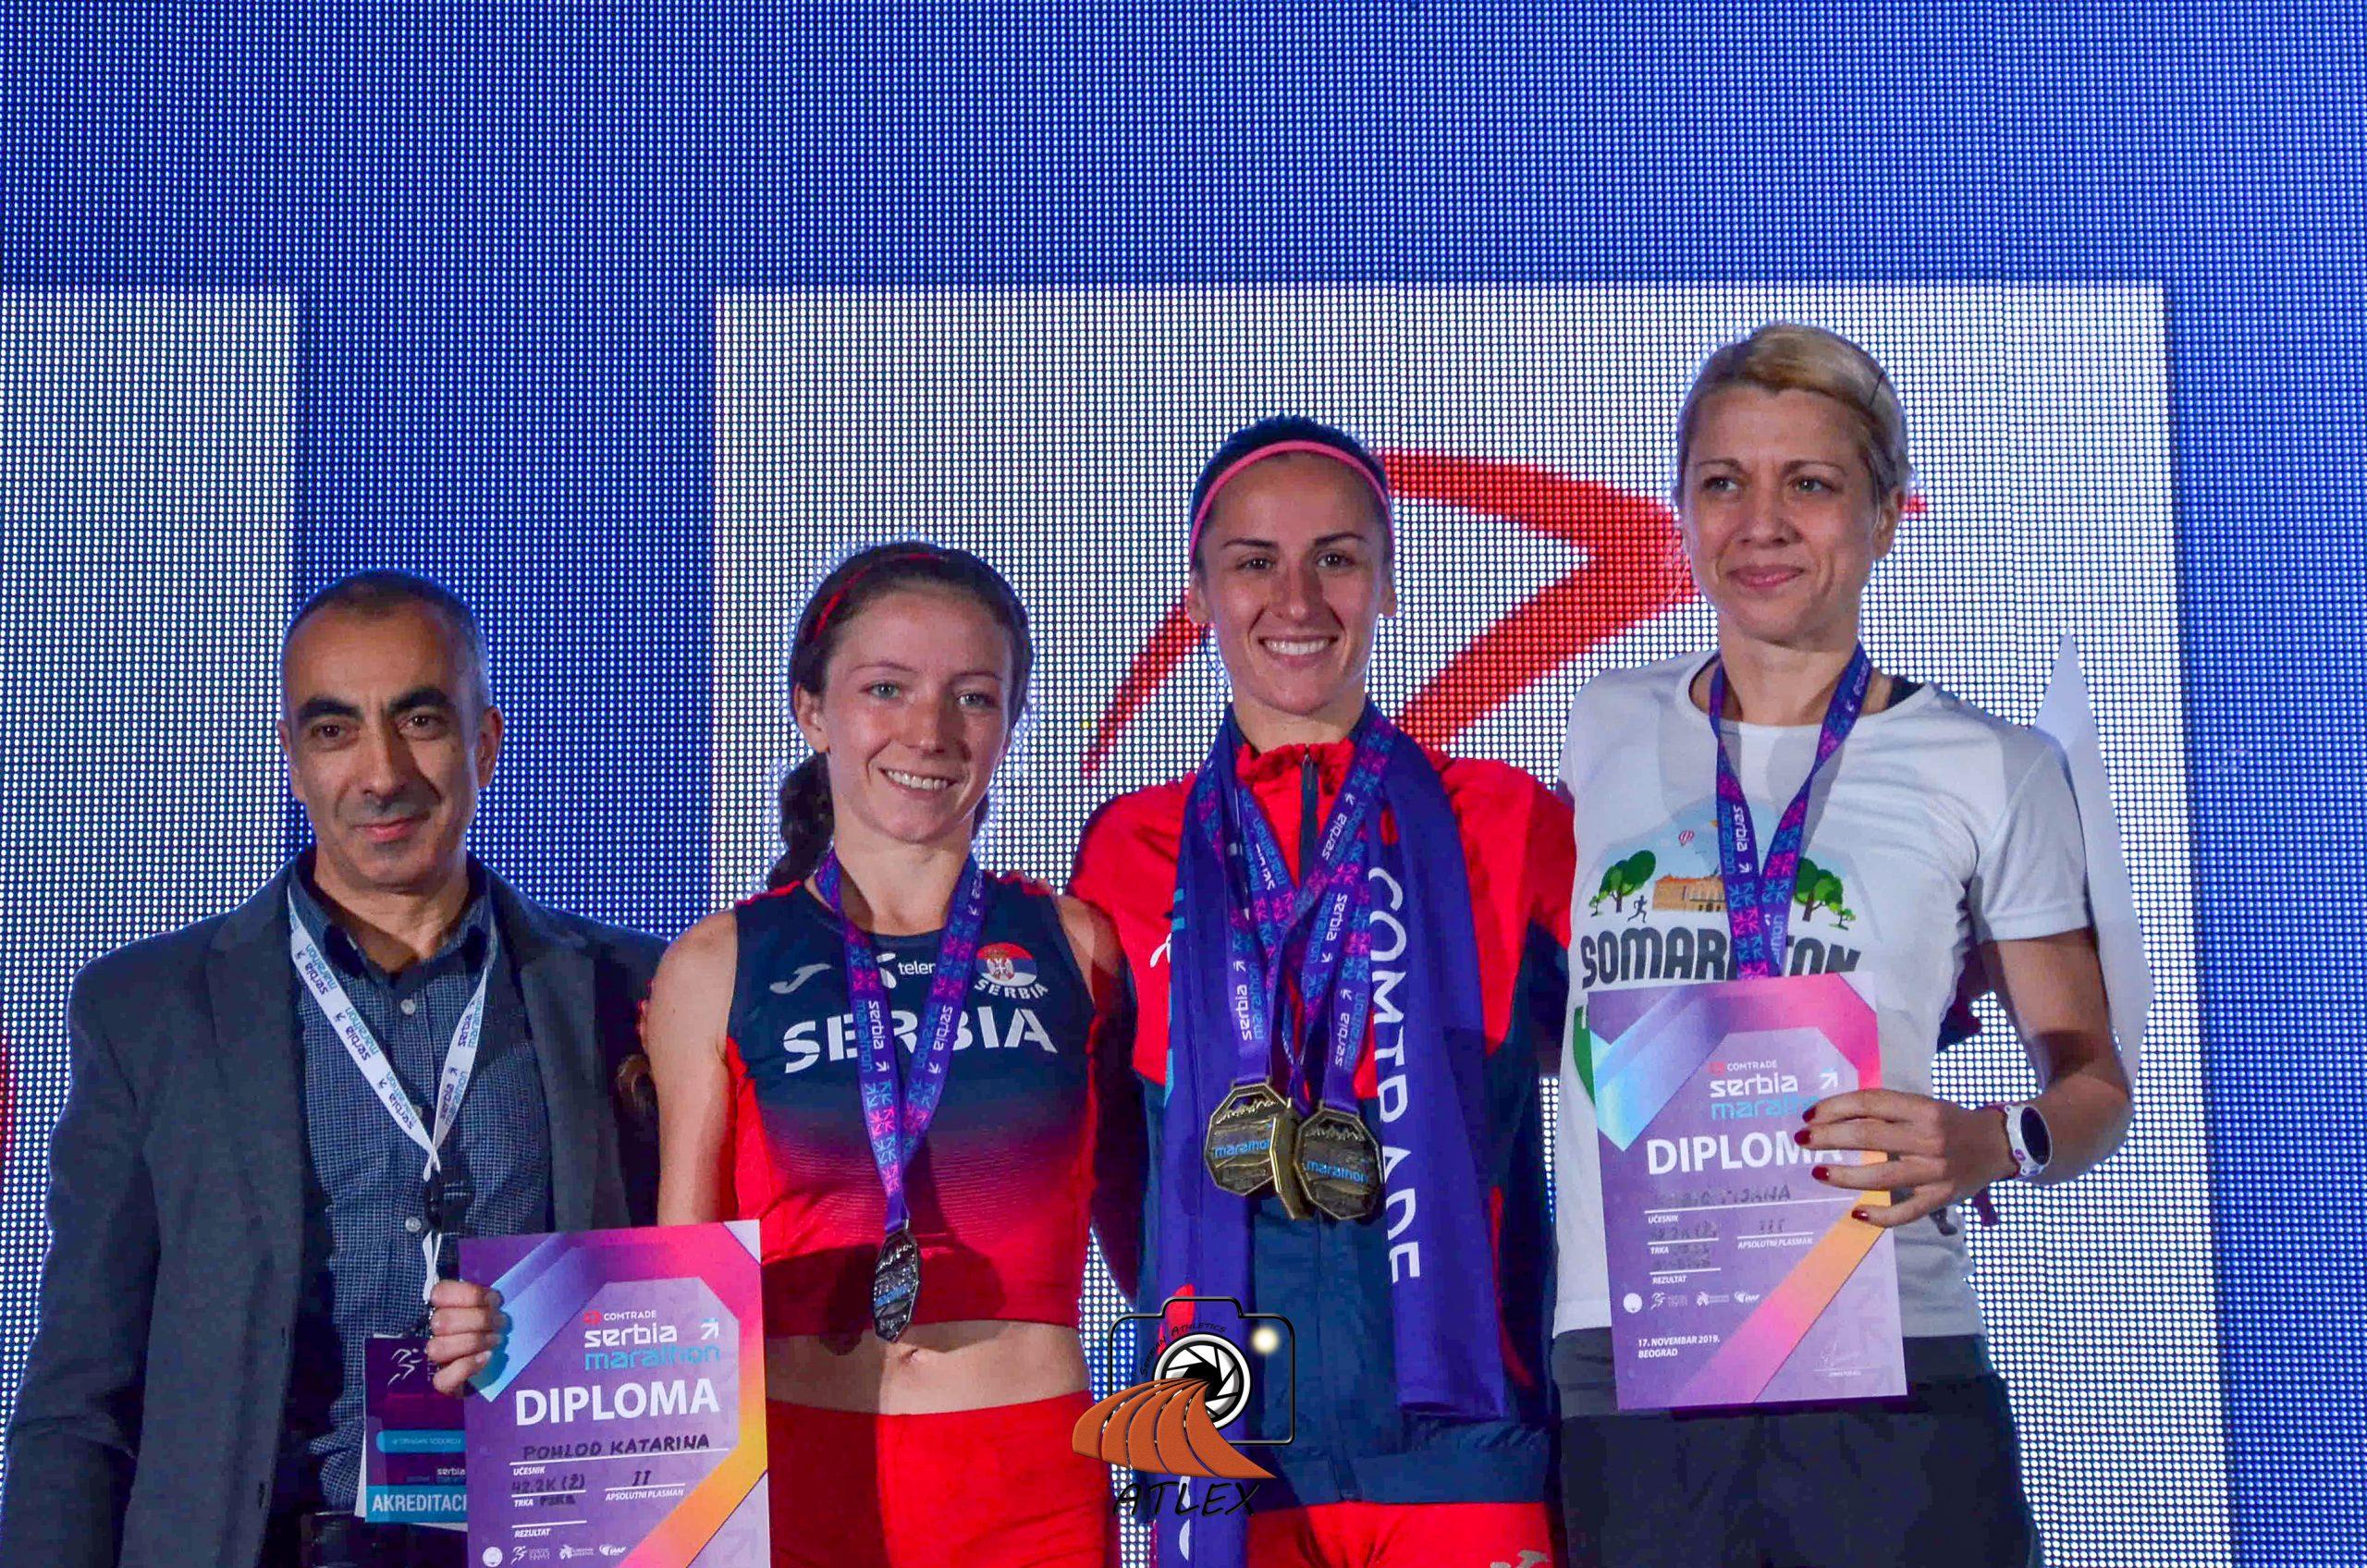 Prvi Comtrade Serbia Marathon, pobednice prvenstva Srbije u maratonu: Katarinom Pohlod, Teodora Simović, Tijana Kabić;